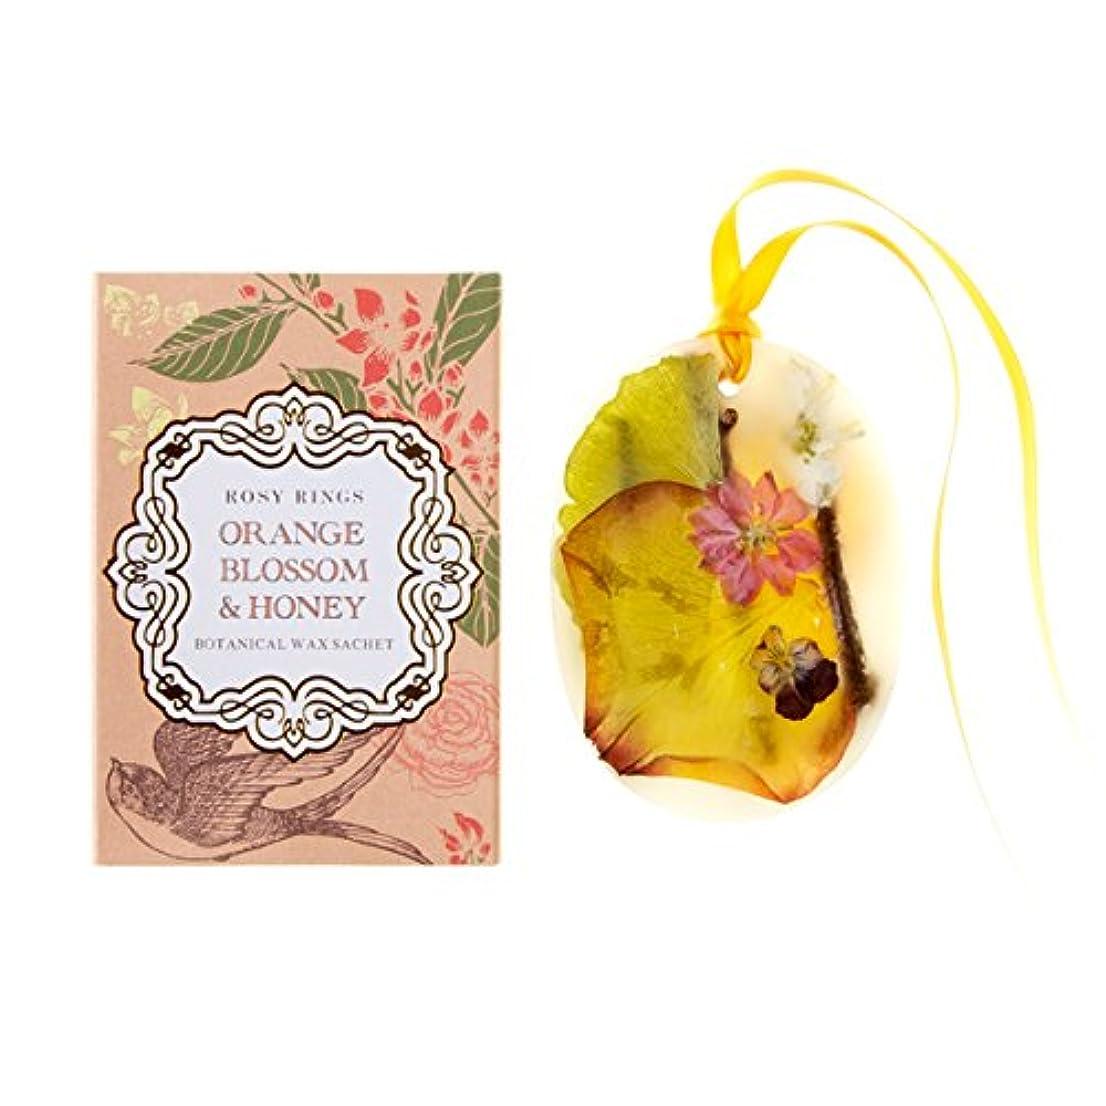 スキャンダル誓いミニチュアロージーリングス プティボタニカルサシェ オレンジブロッサム&ハニー ROSY RINGS Petite Oval Botanical Wax Sachet Orange Blossom & Honey